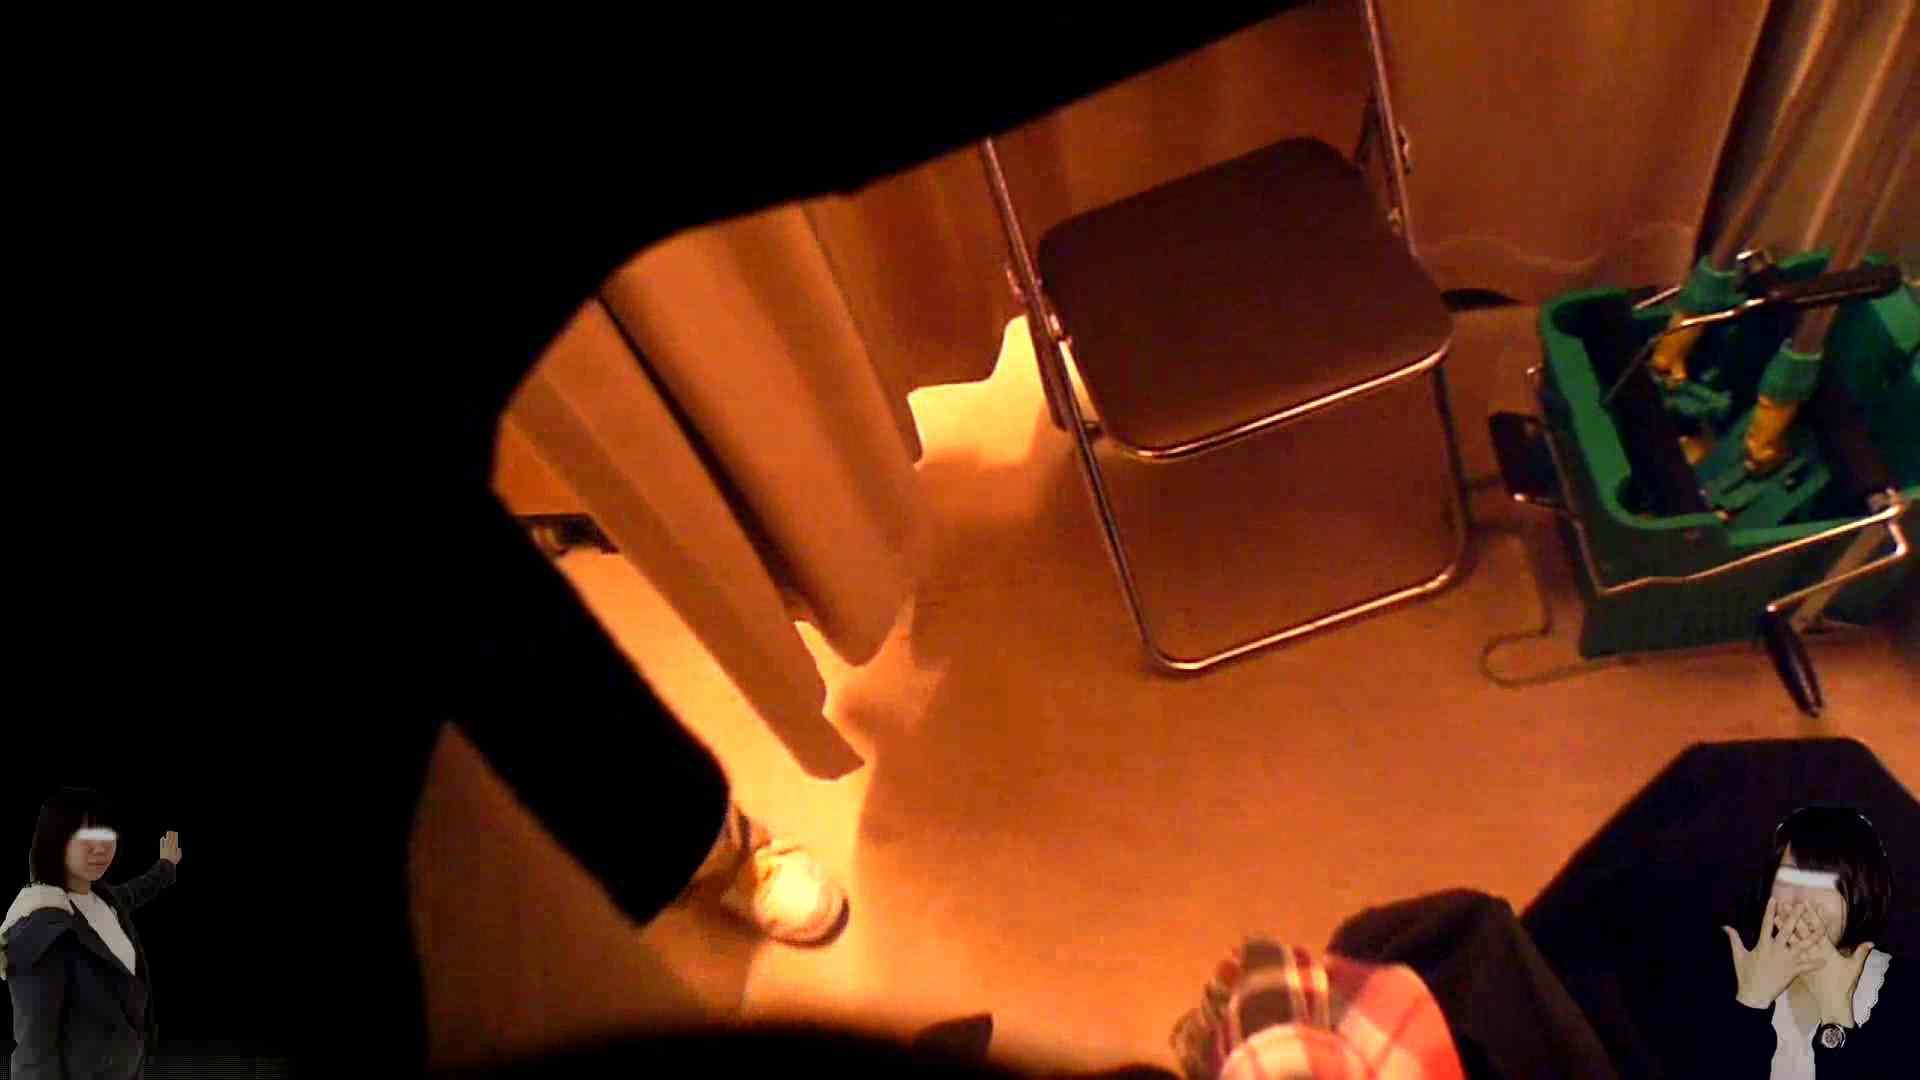 素人投稿 現役「JD」Eちゃんの着替え Vol.04 素人 のぞき濡れ場動画紹介 55連発 3